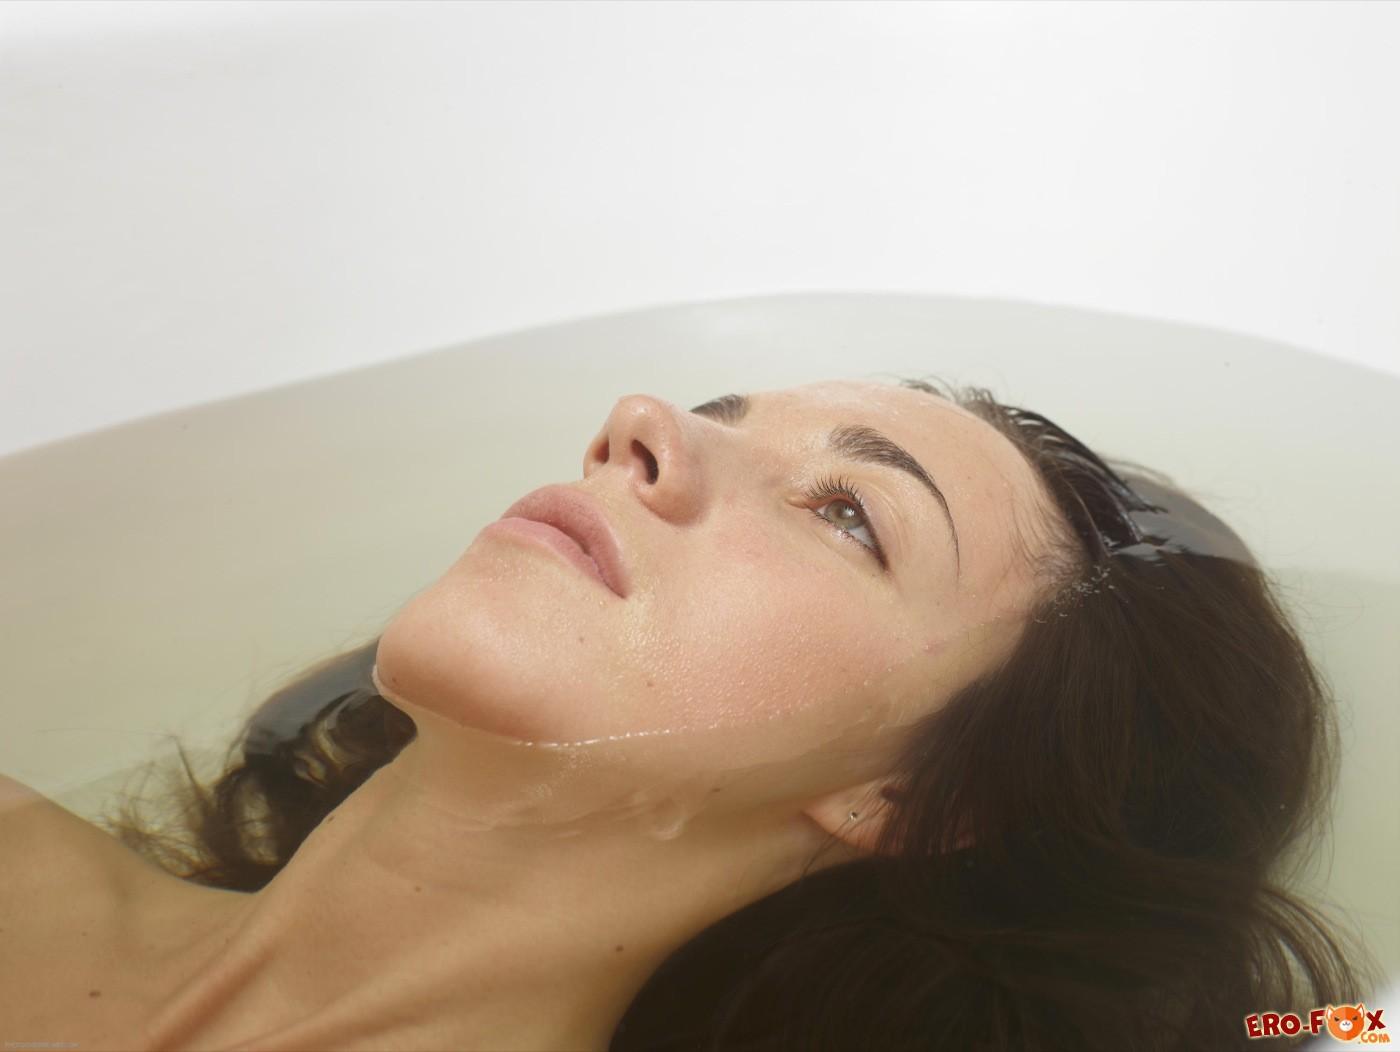 Худенькая красотуля улеглась в ванне с водой - фото